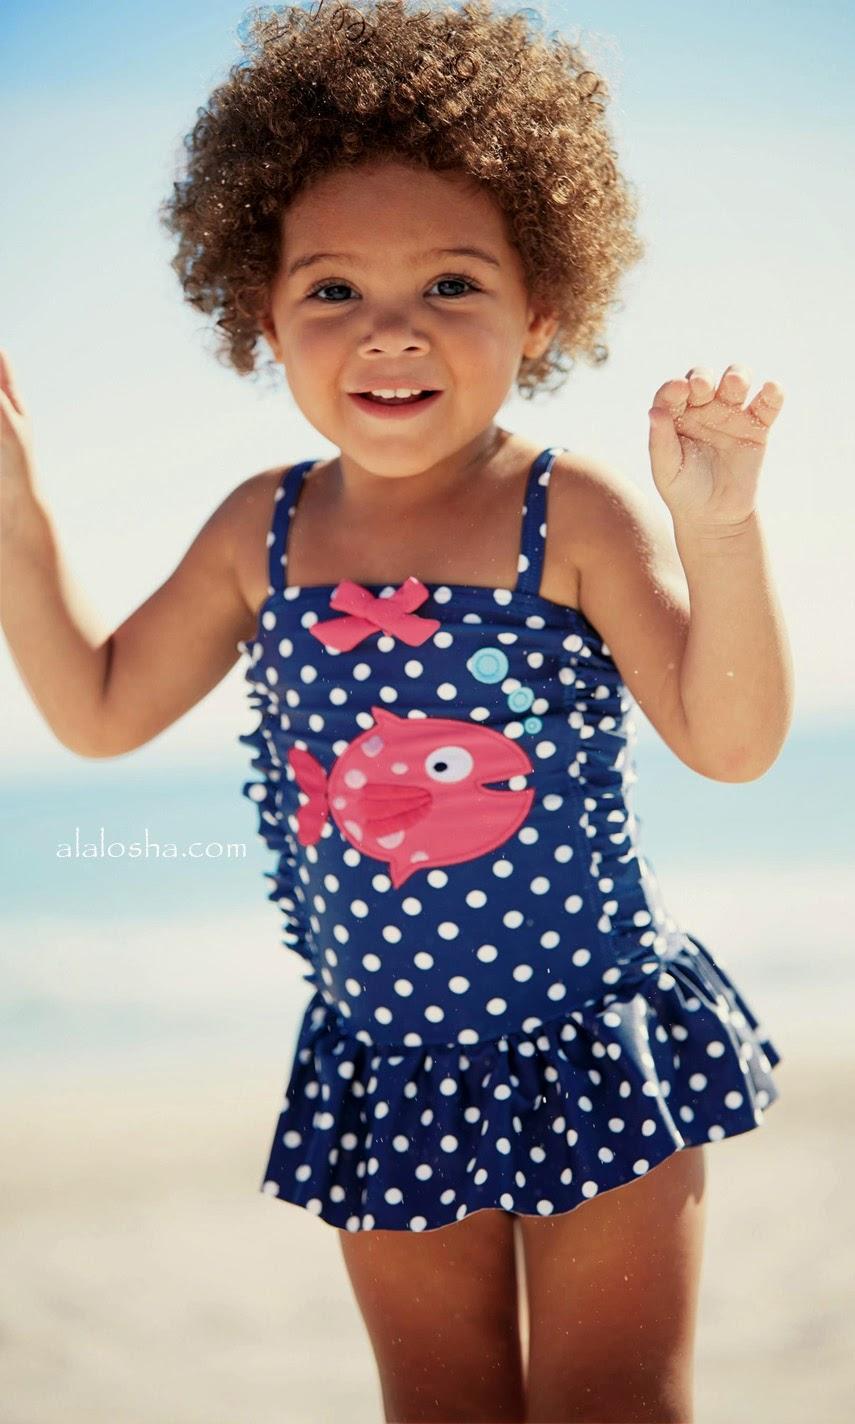 макияж бордовое платье фото